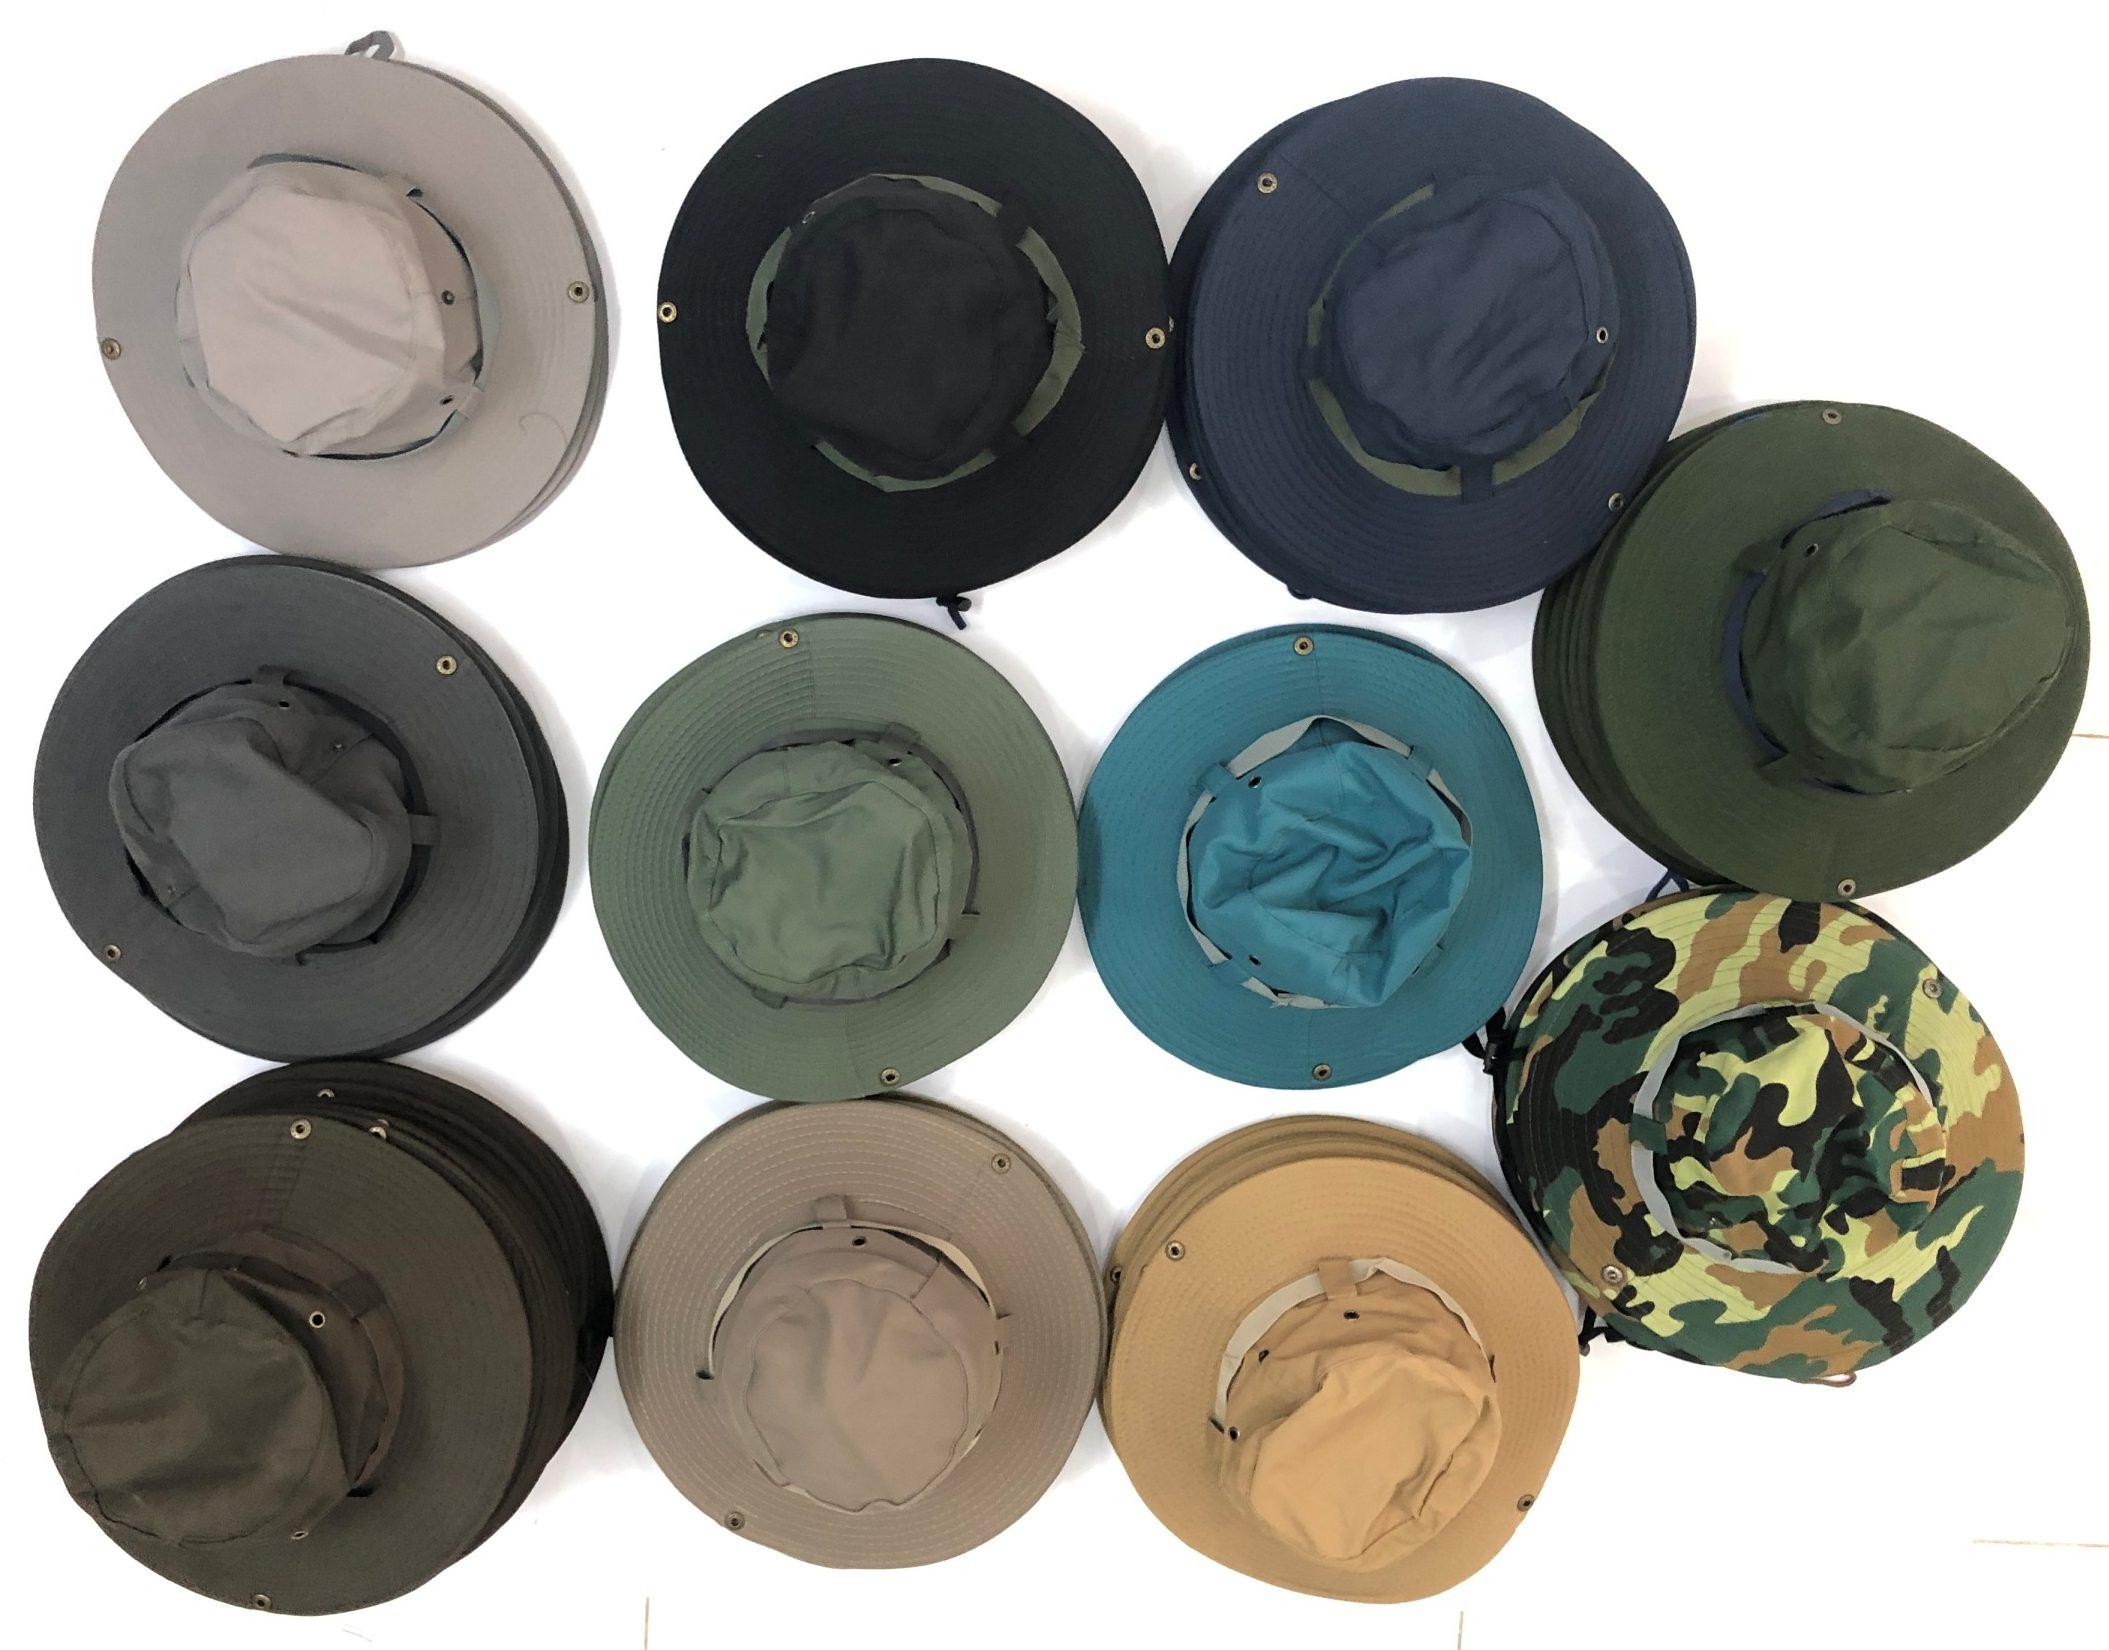 Mũ Nón Tai Bèo Đồng Phục Nhóm, Quảng Cáo, Đi Biển | dongphuc.vn